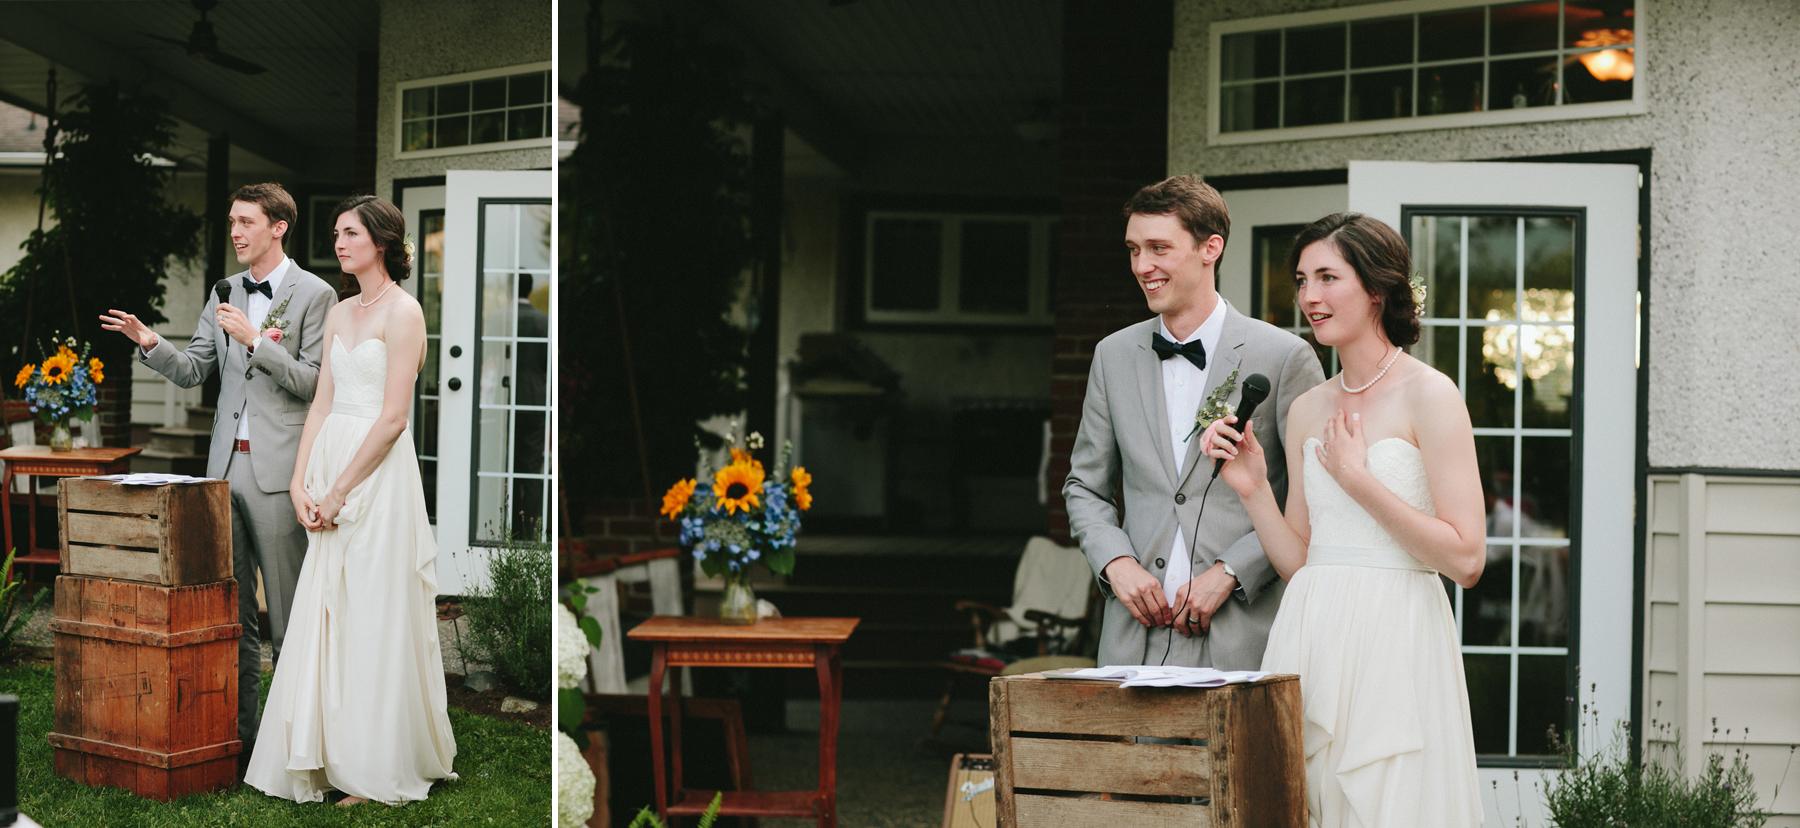 Vancouver-Rustic-Farm-Wedding-KB-188.jpg